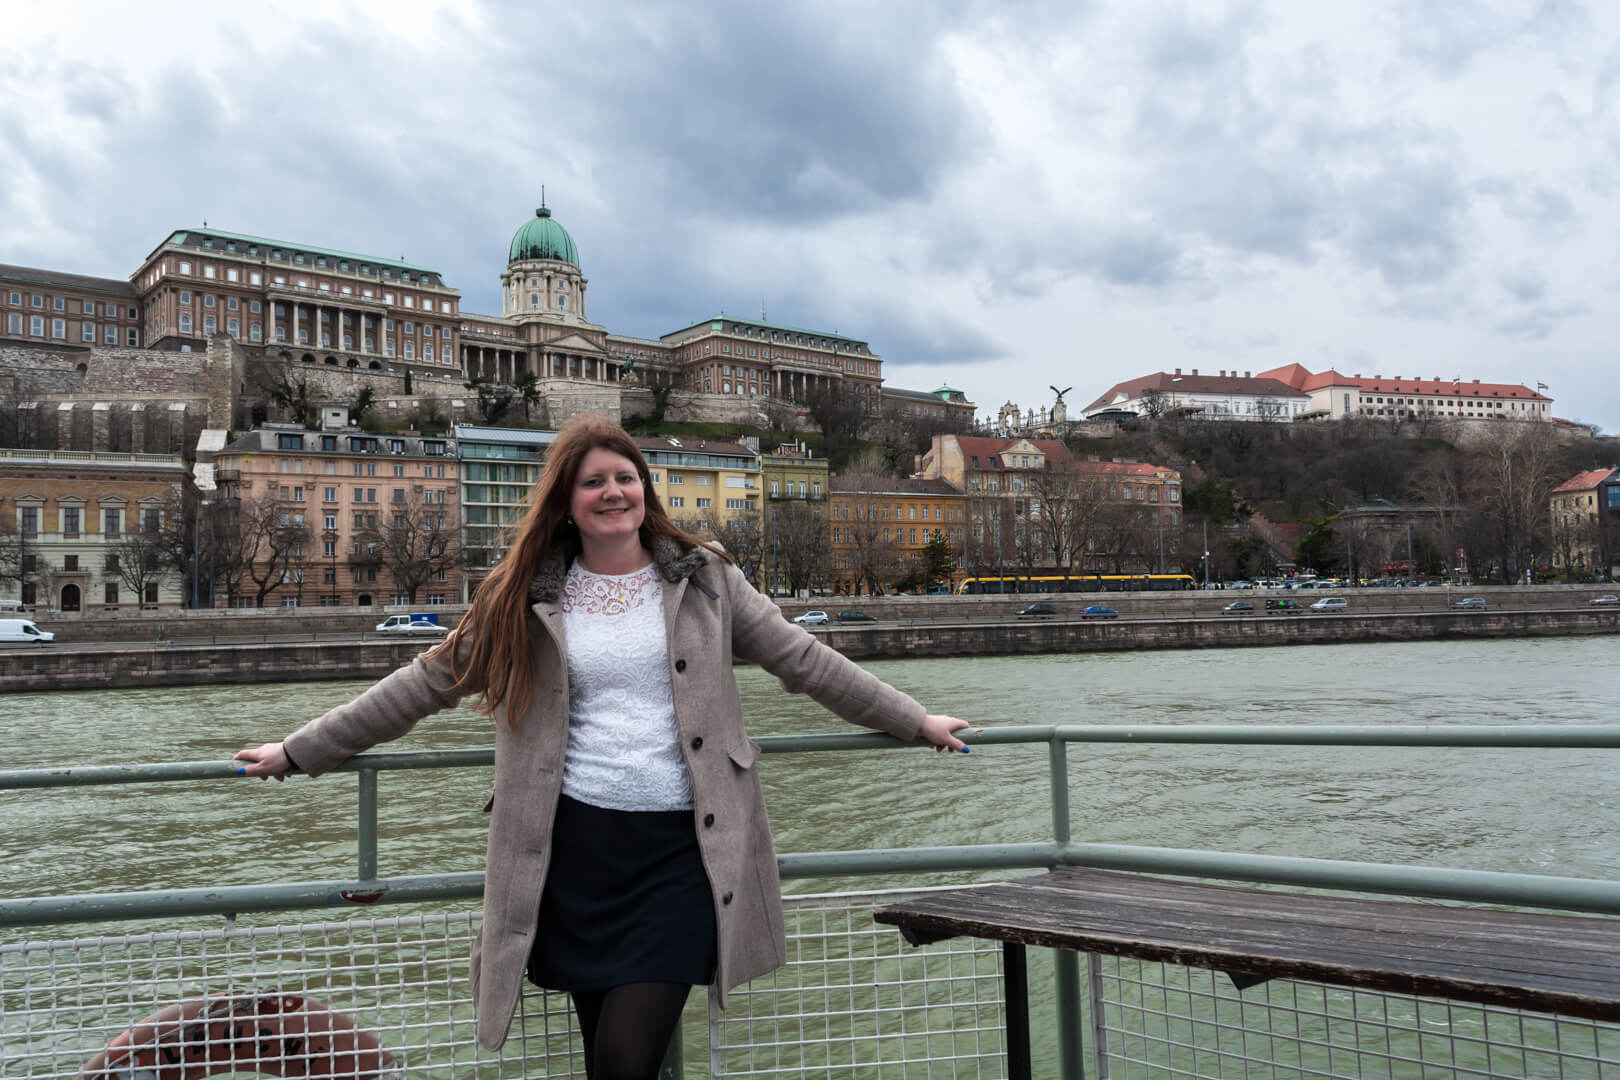 Varen op de Donau in Boedapest et op de achtergrond de Burcht van Boeda